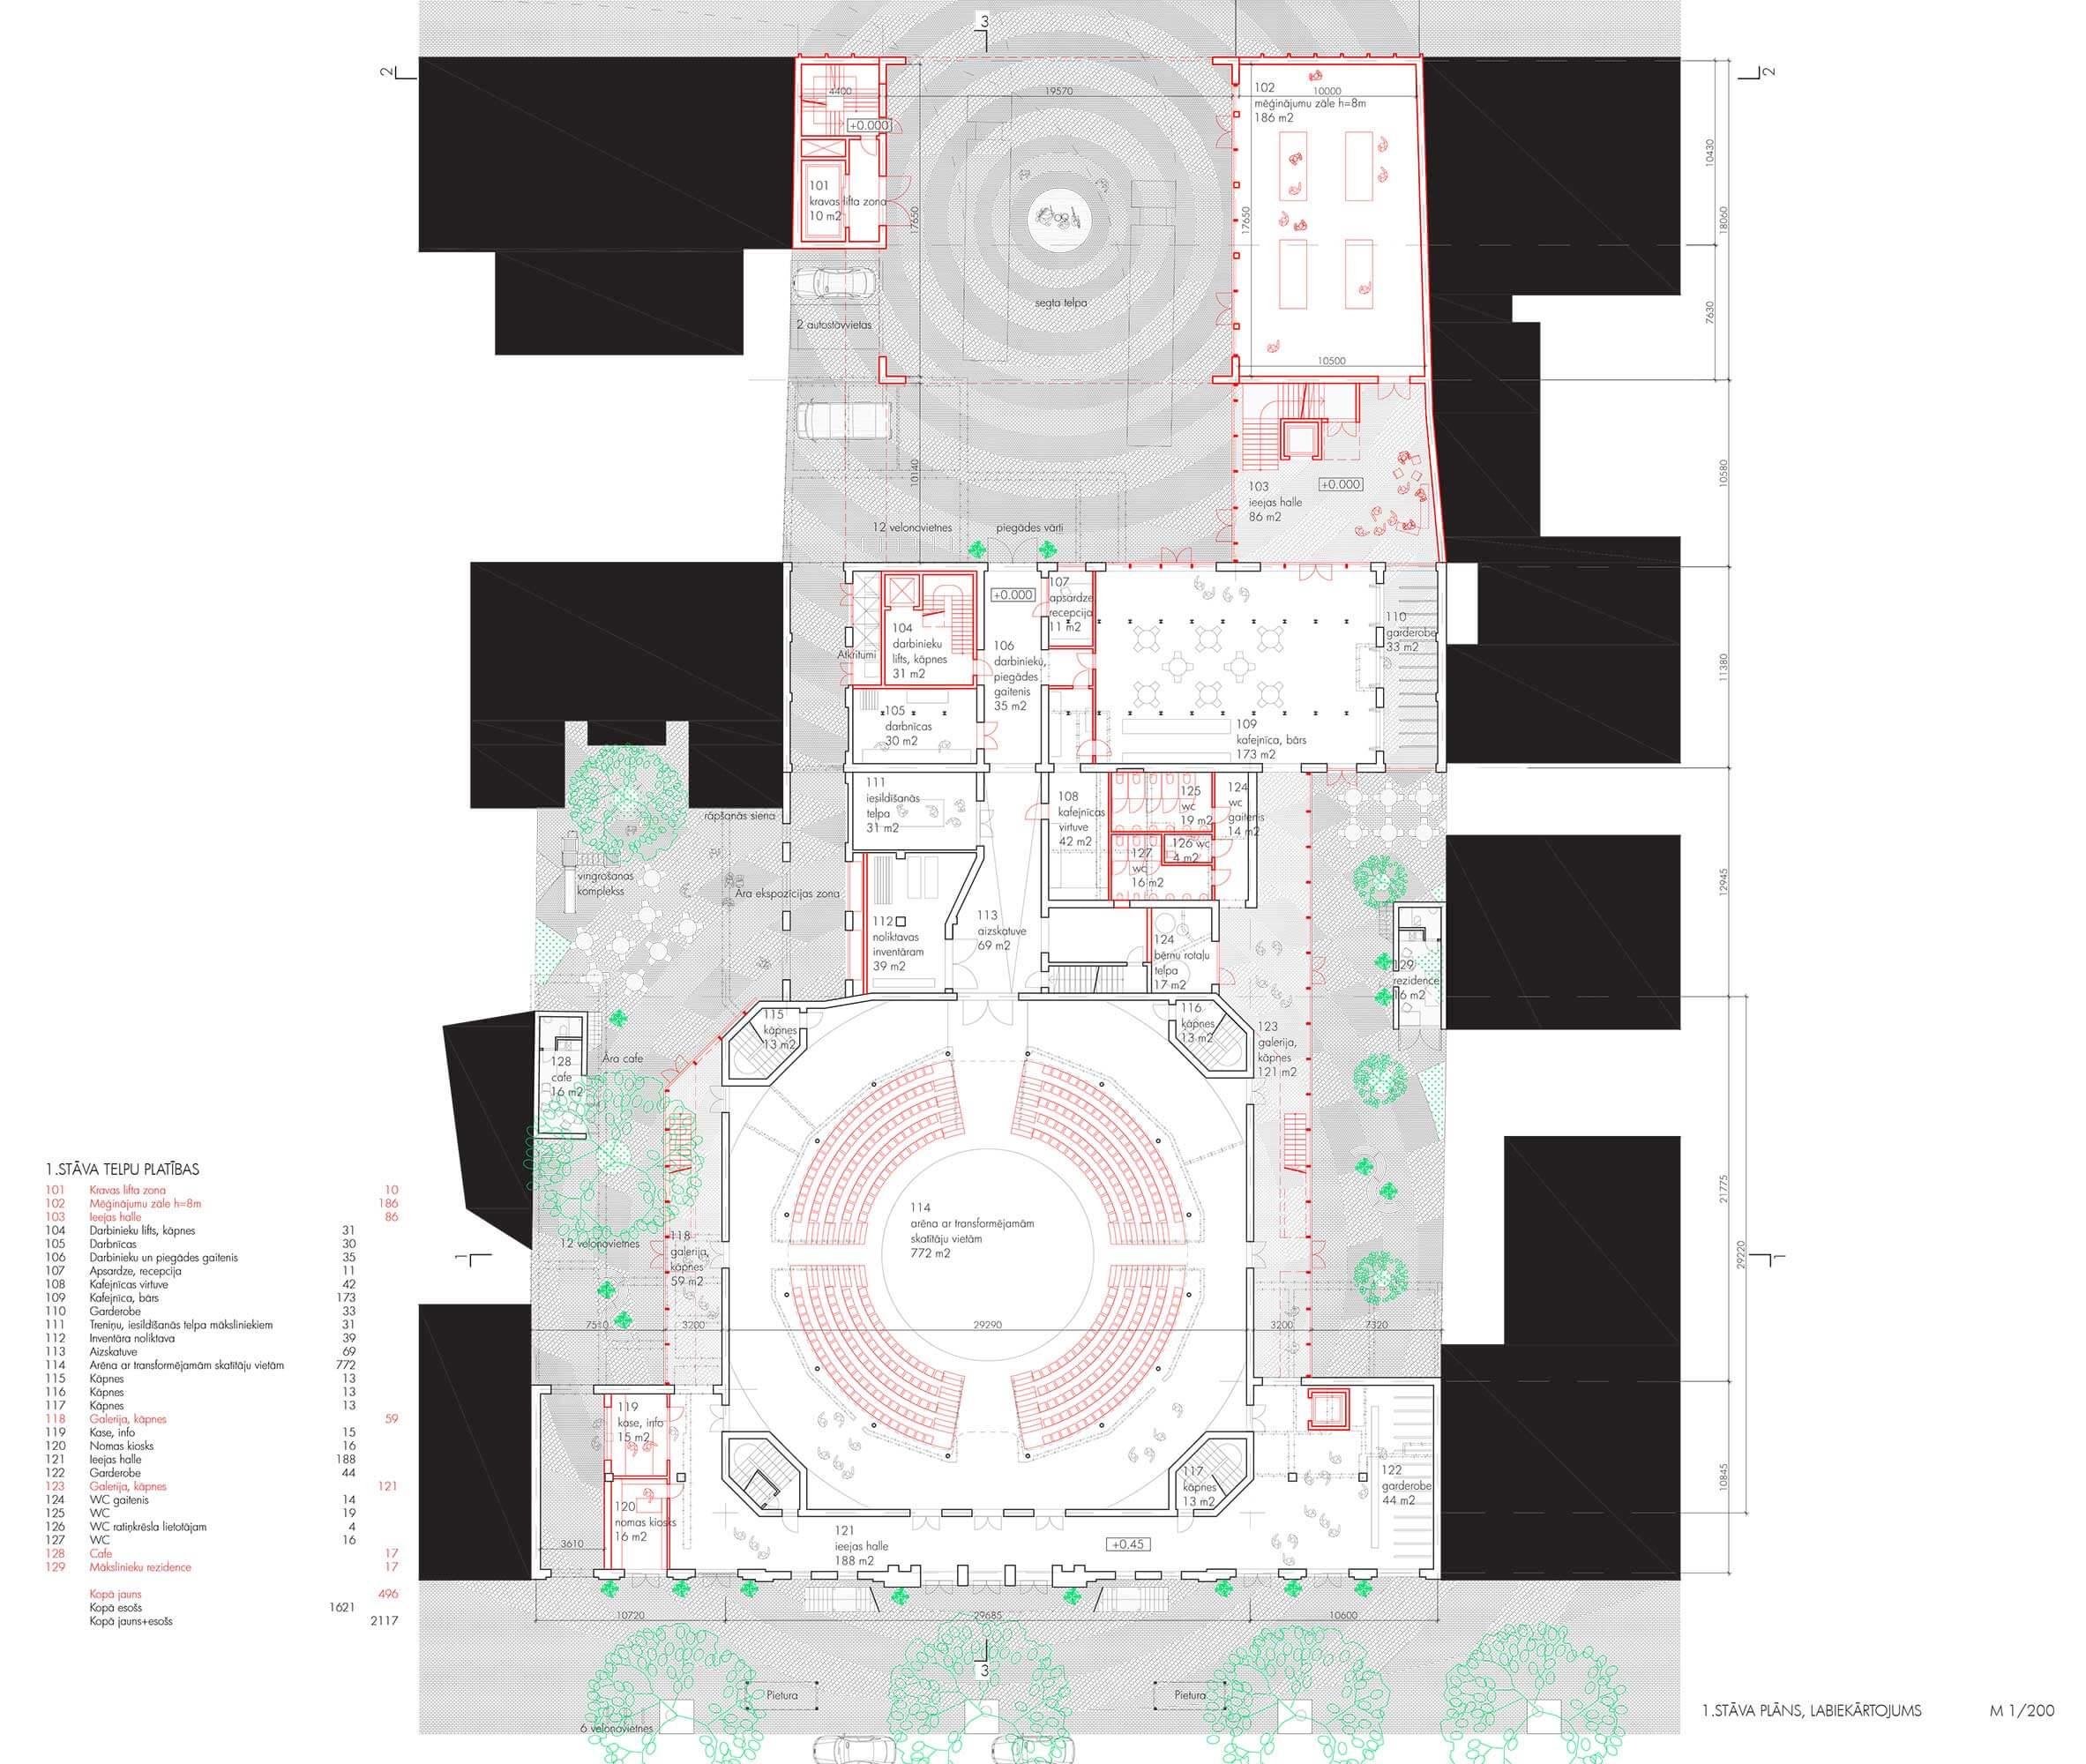 gaiss-arhitekti-made-rigas-cirks- (11)